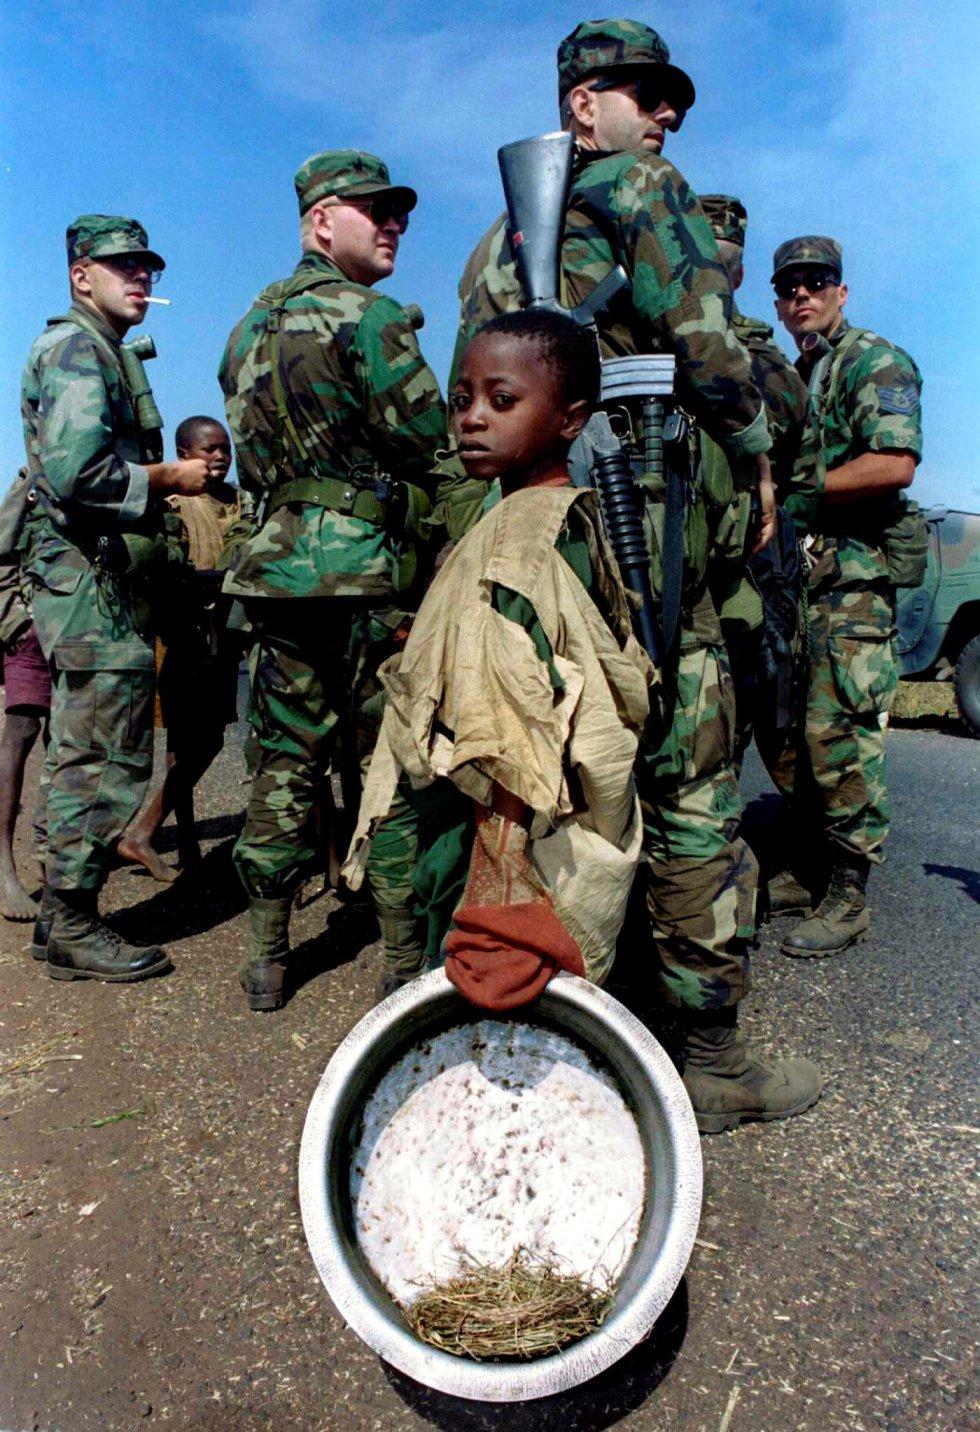 Un niño ruandés espera para recoger agua frente a un grupo de soldados de Estados Unidos en el campo de refugiados de Kibumba (Tanzania), el 2 de agosto de 1994.